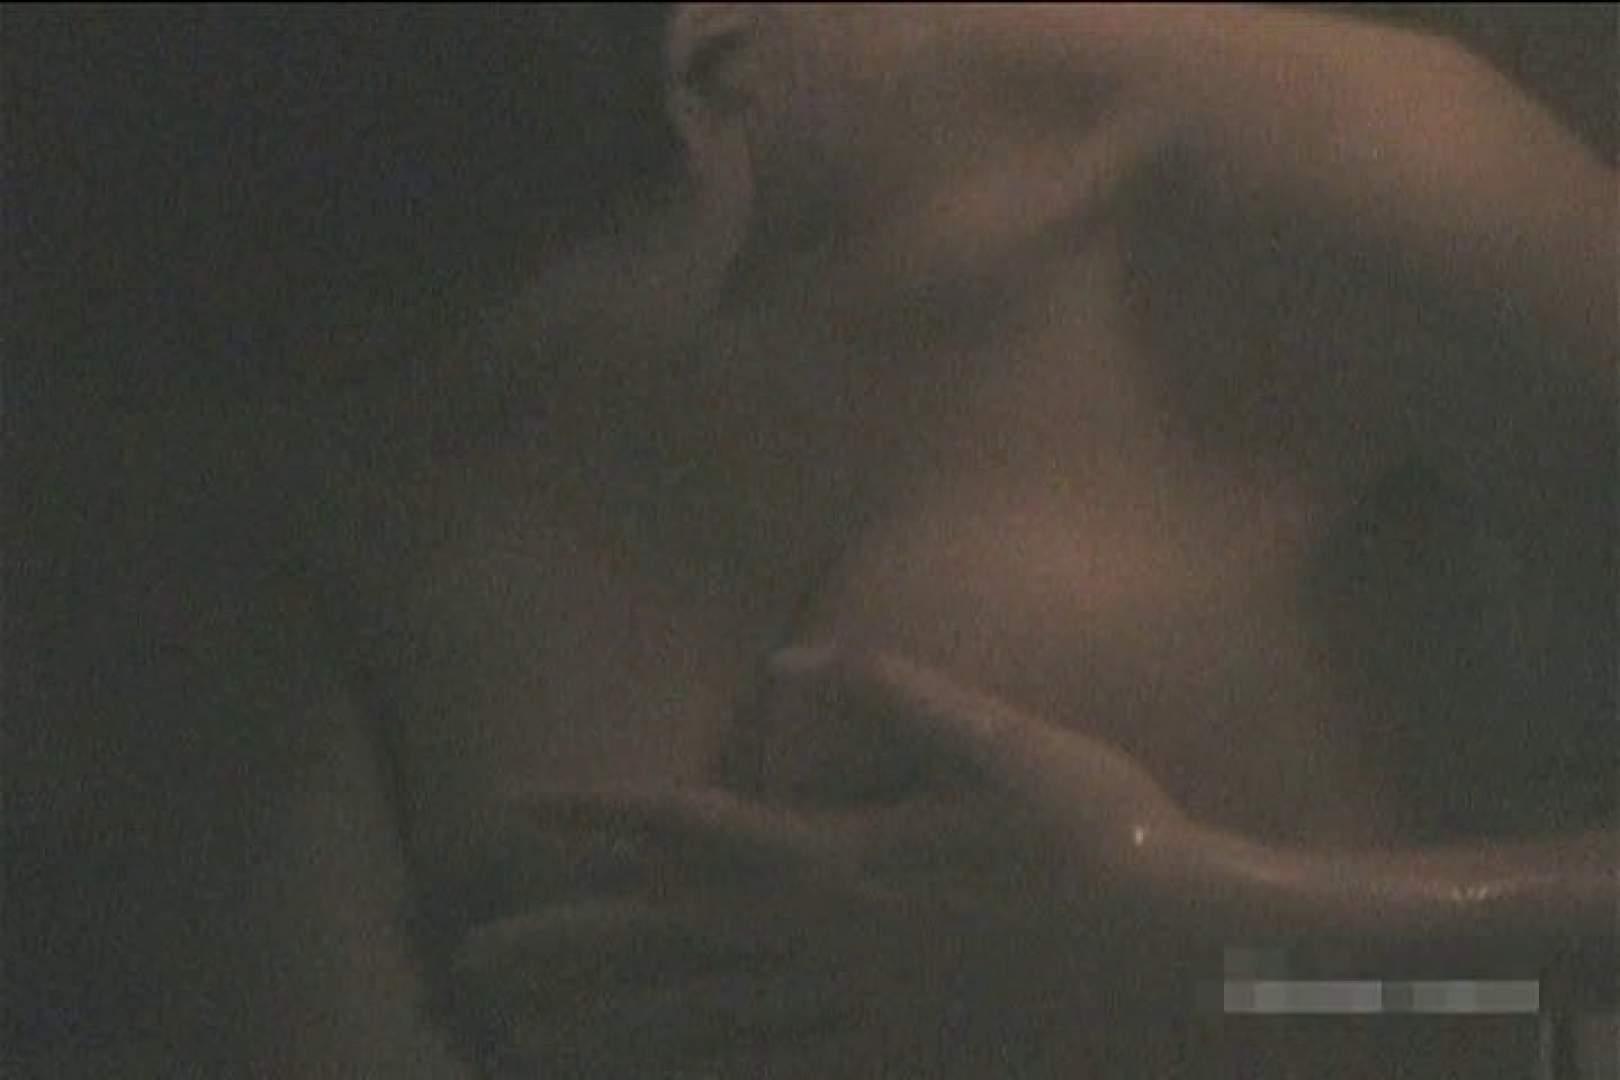 全裸で発情!!家族風呂の実態Vol.1 エロティックなOL のぞき動画キャプチャ 57画像 42